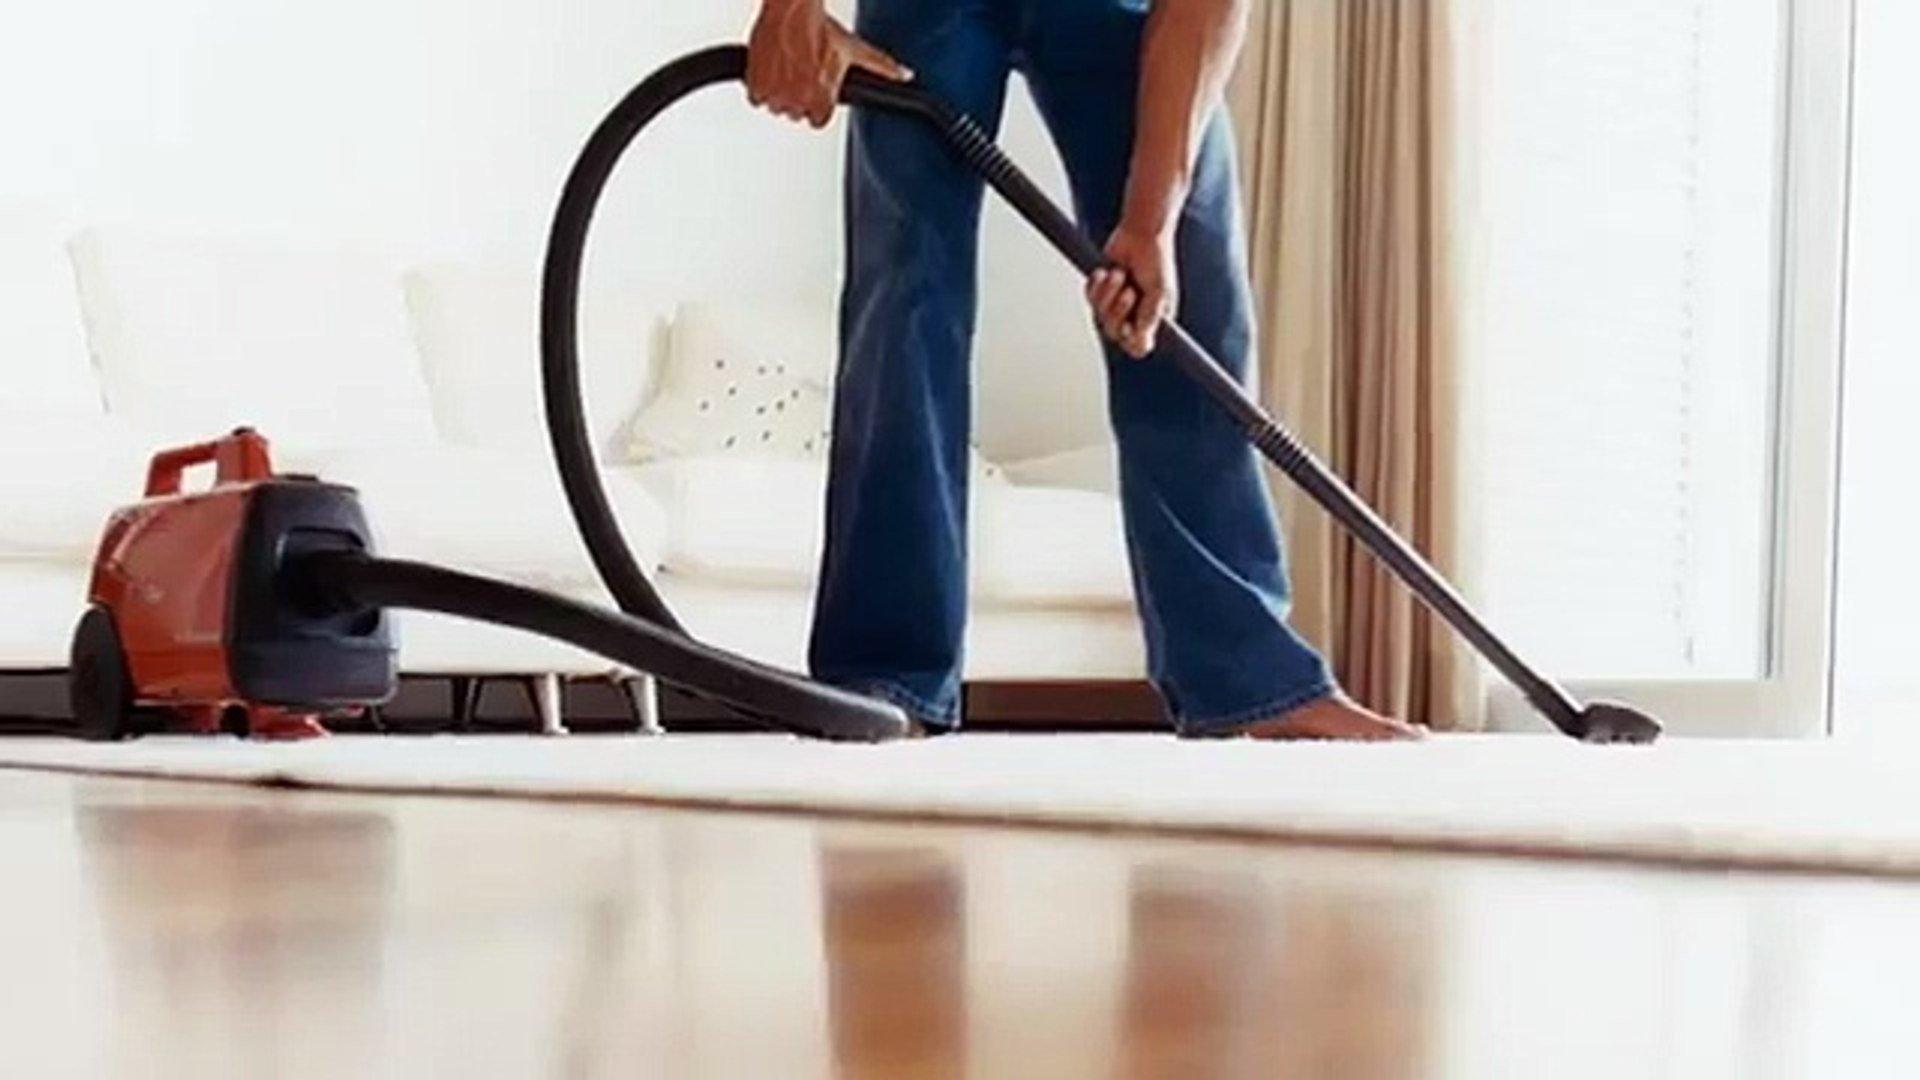 Carpet Cleaning Costa Mesa | StartUs